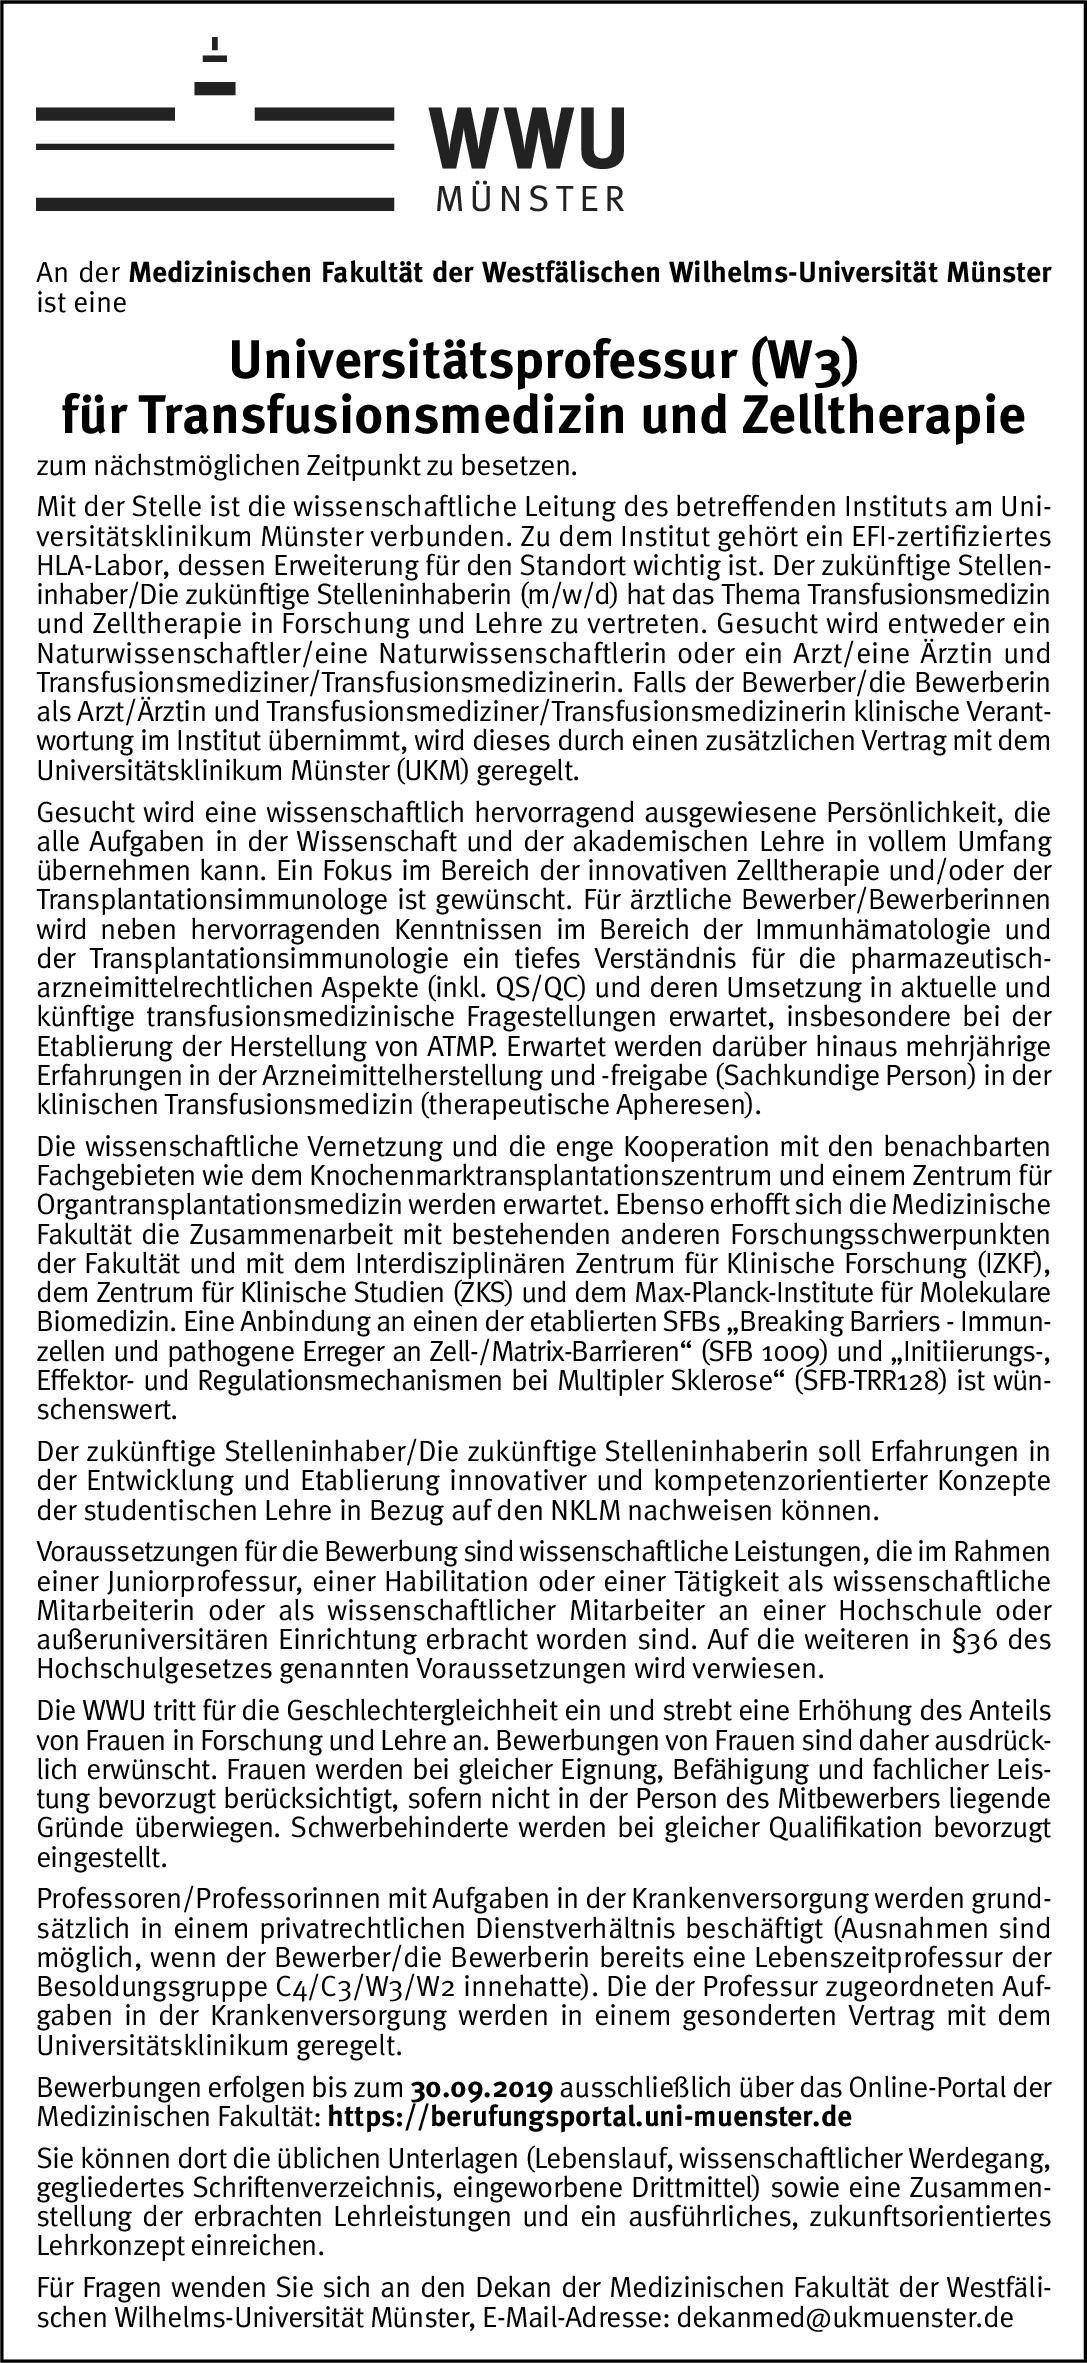 Westfälische Wilhelms-Universität Münster Universitätsprofessur (W3) für Transfusionsmedizin und Zelltherapie Transfusionsmedizin Professor